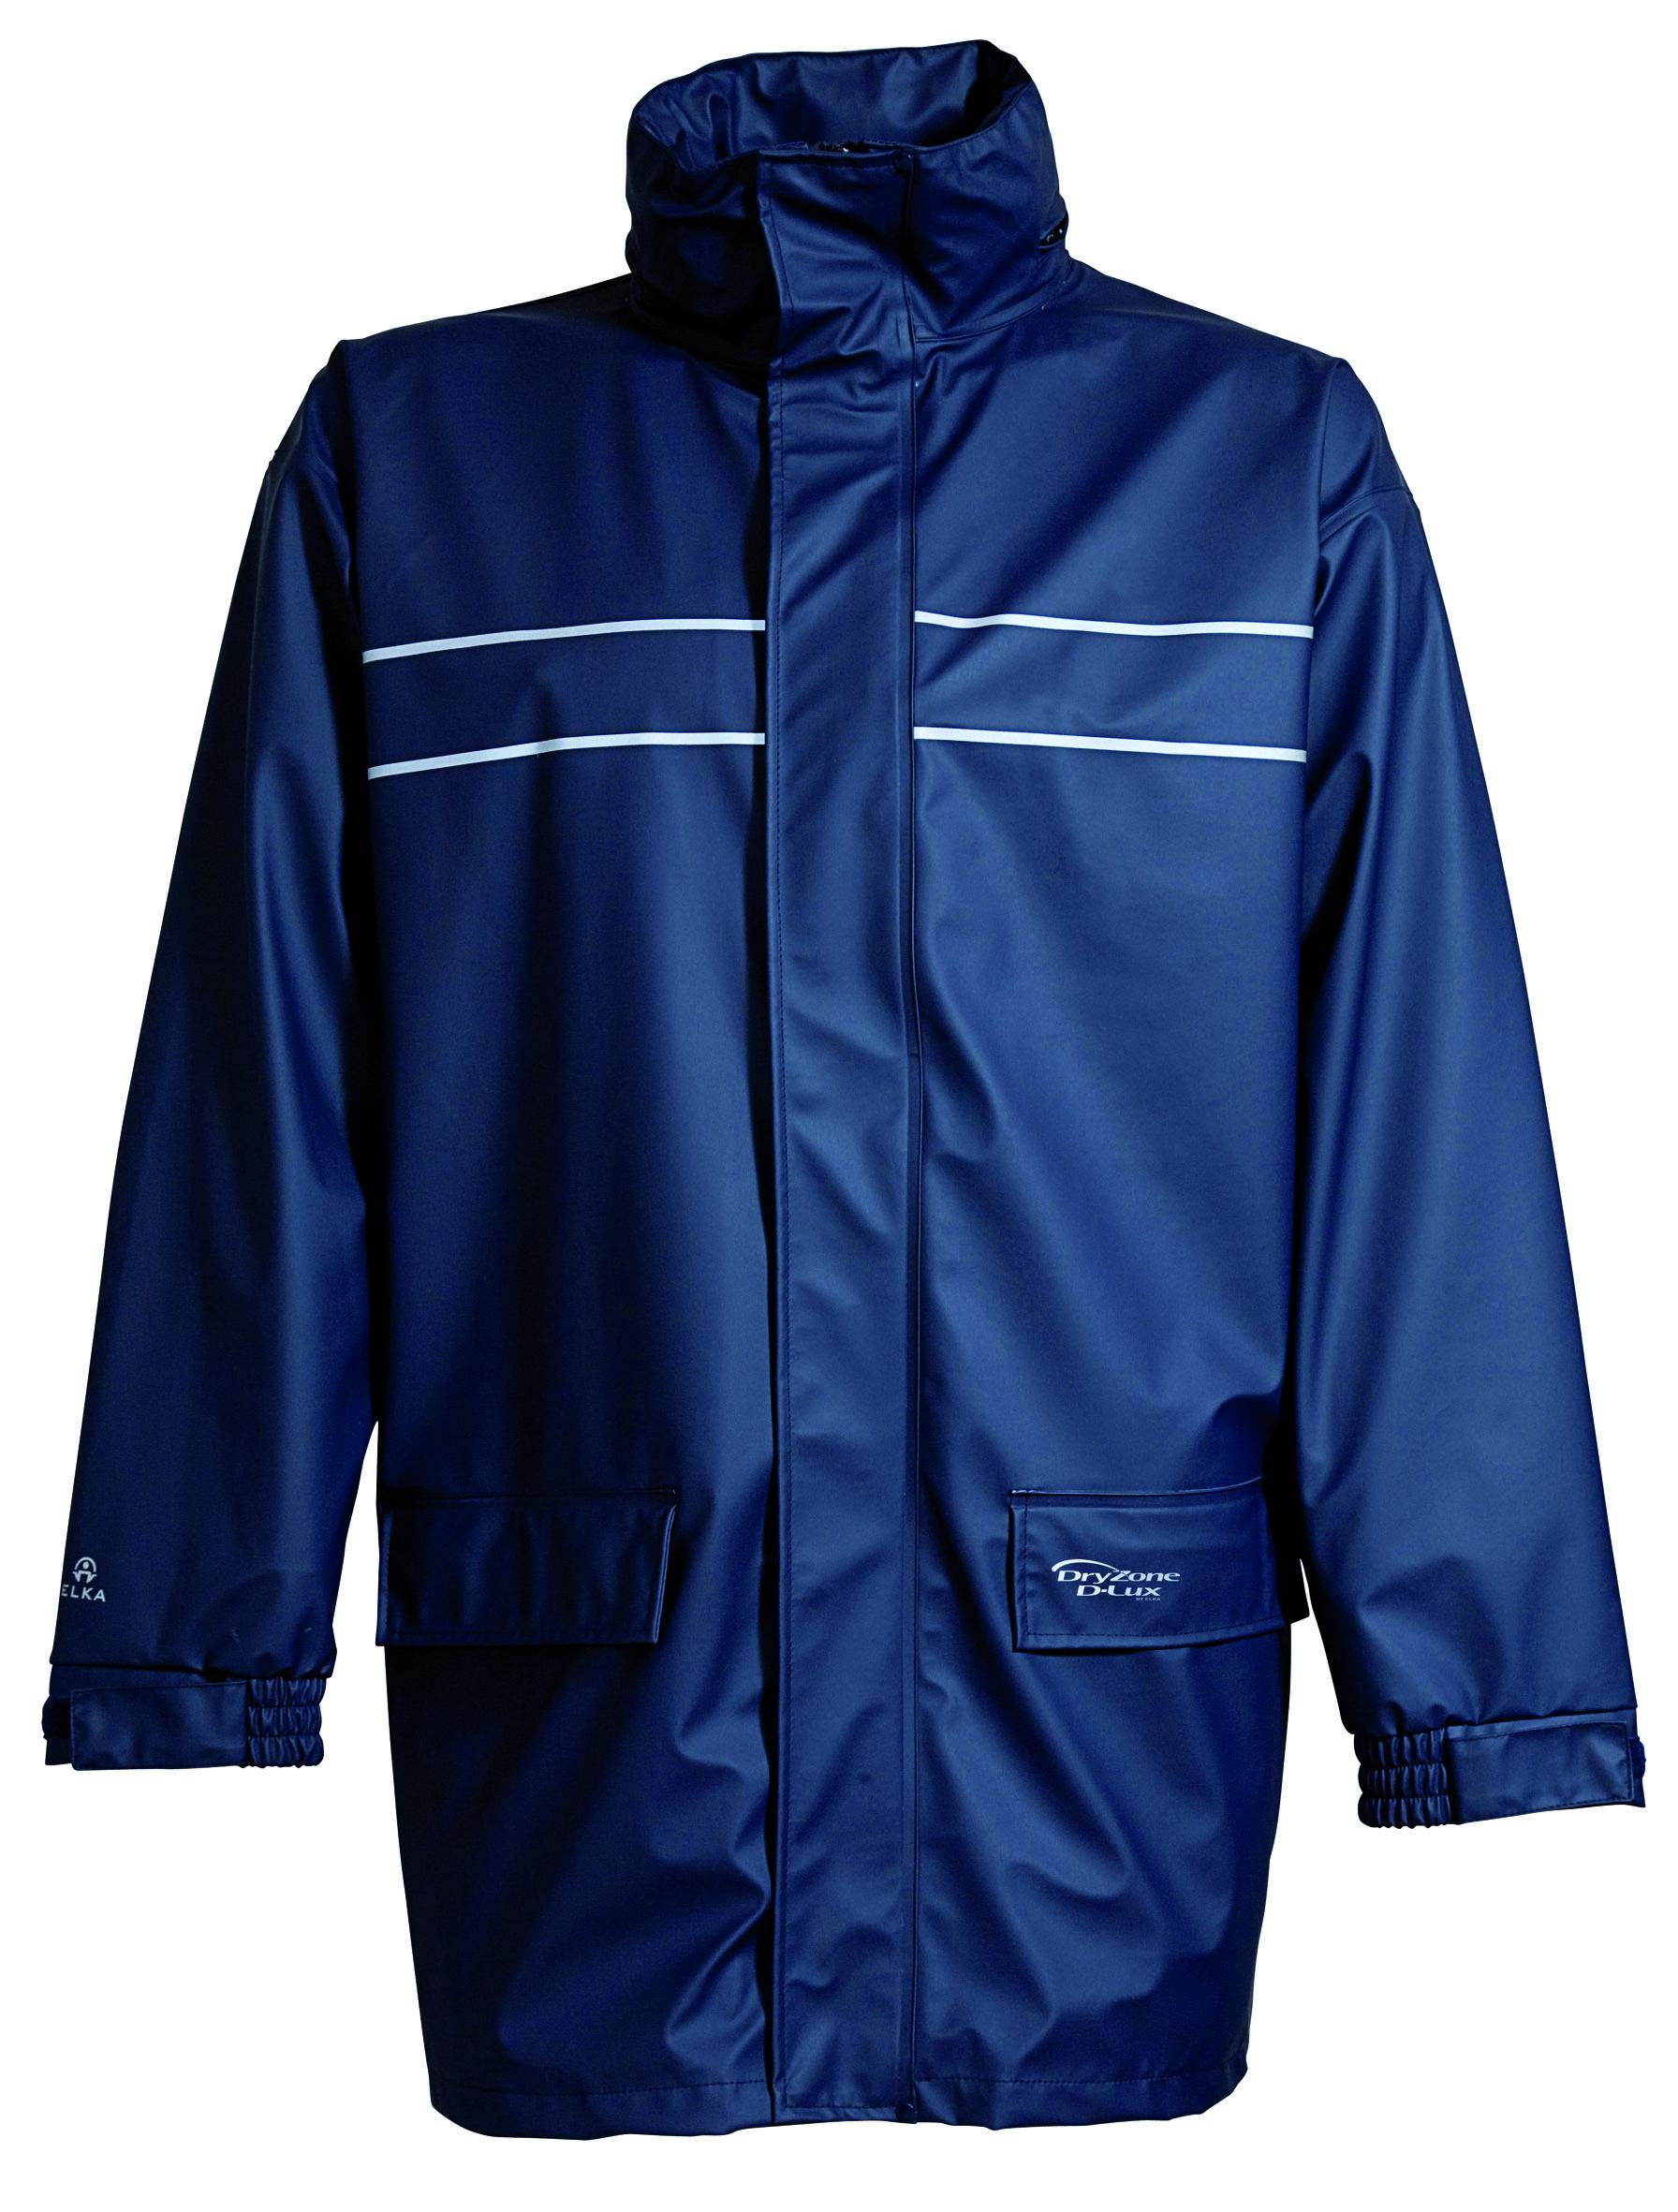 026301007L - DryZone D-Lux Jacket Image